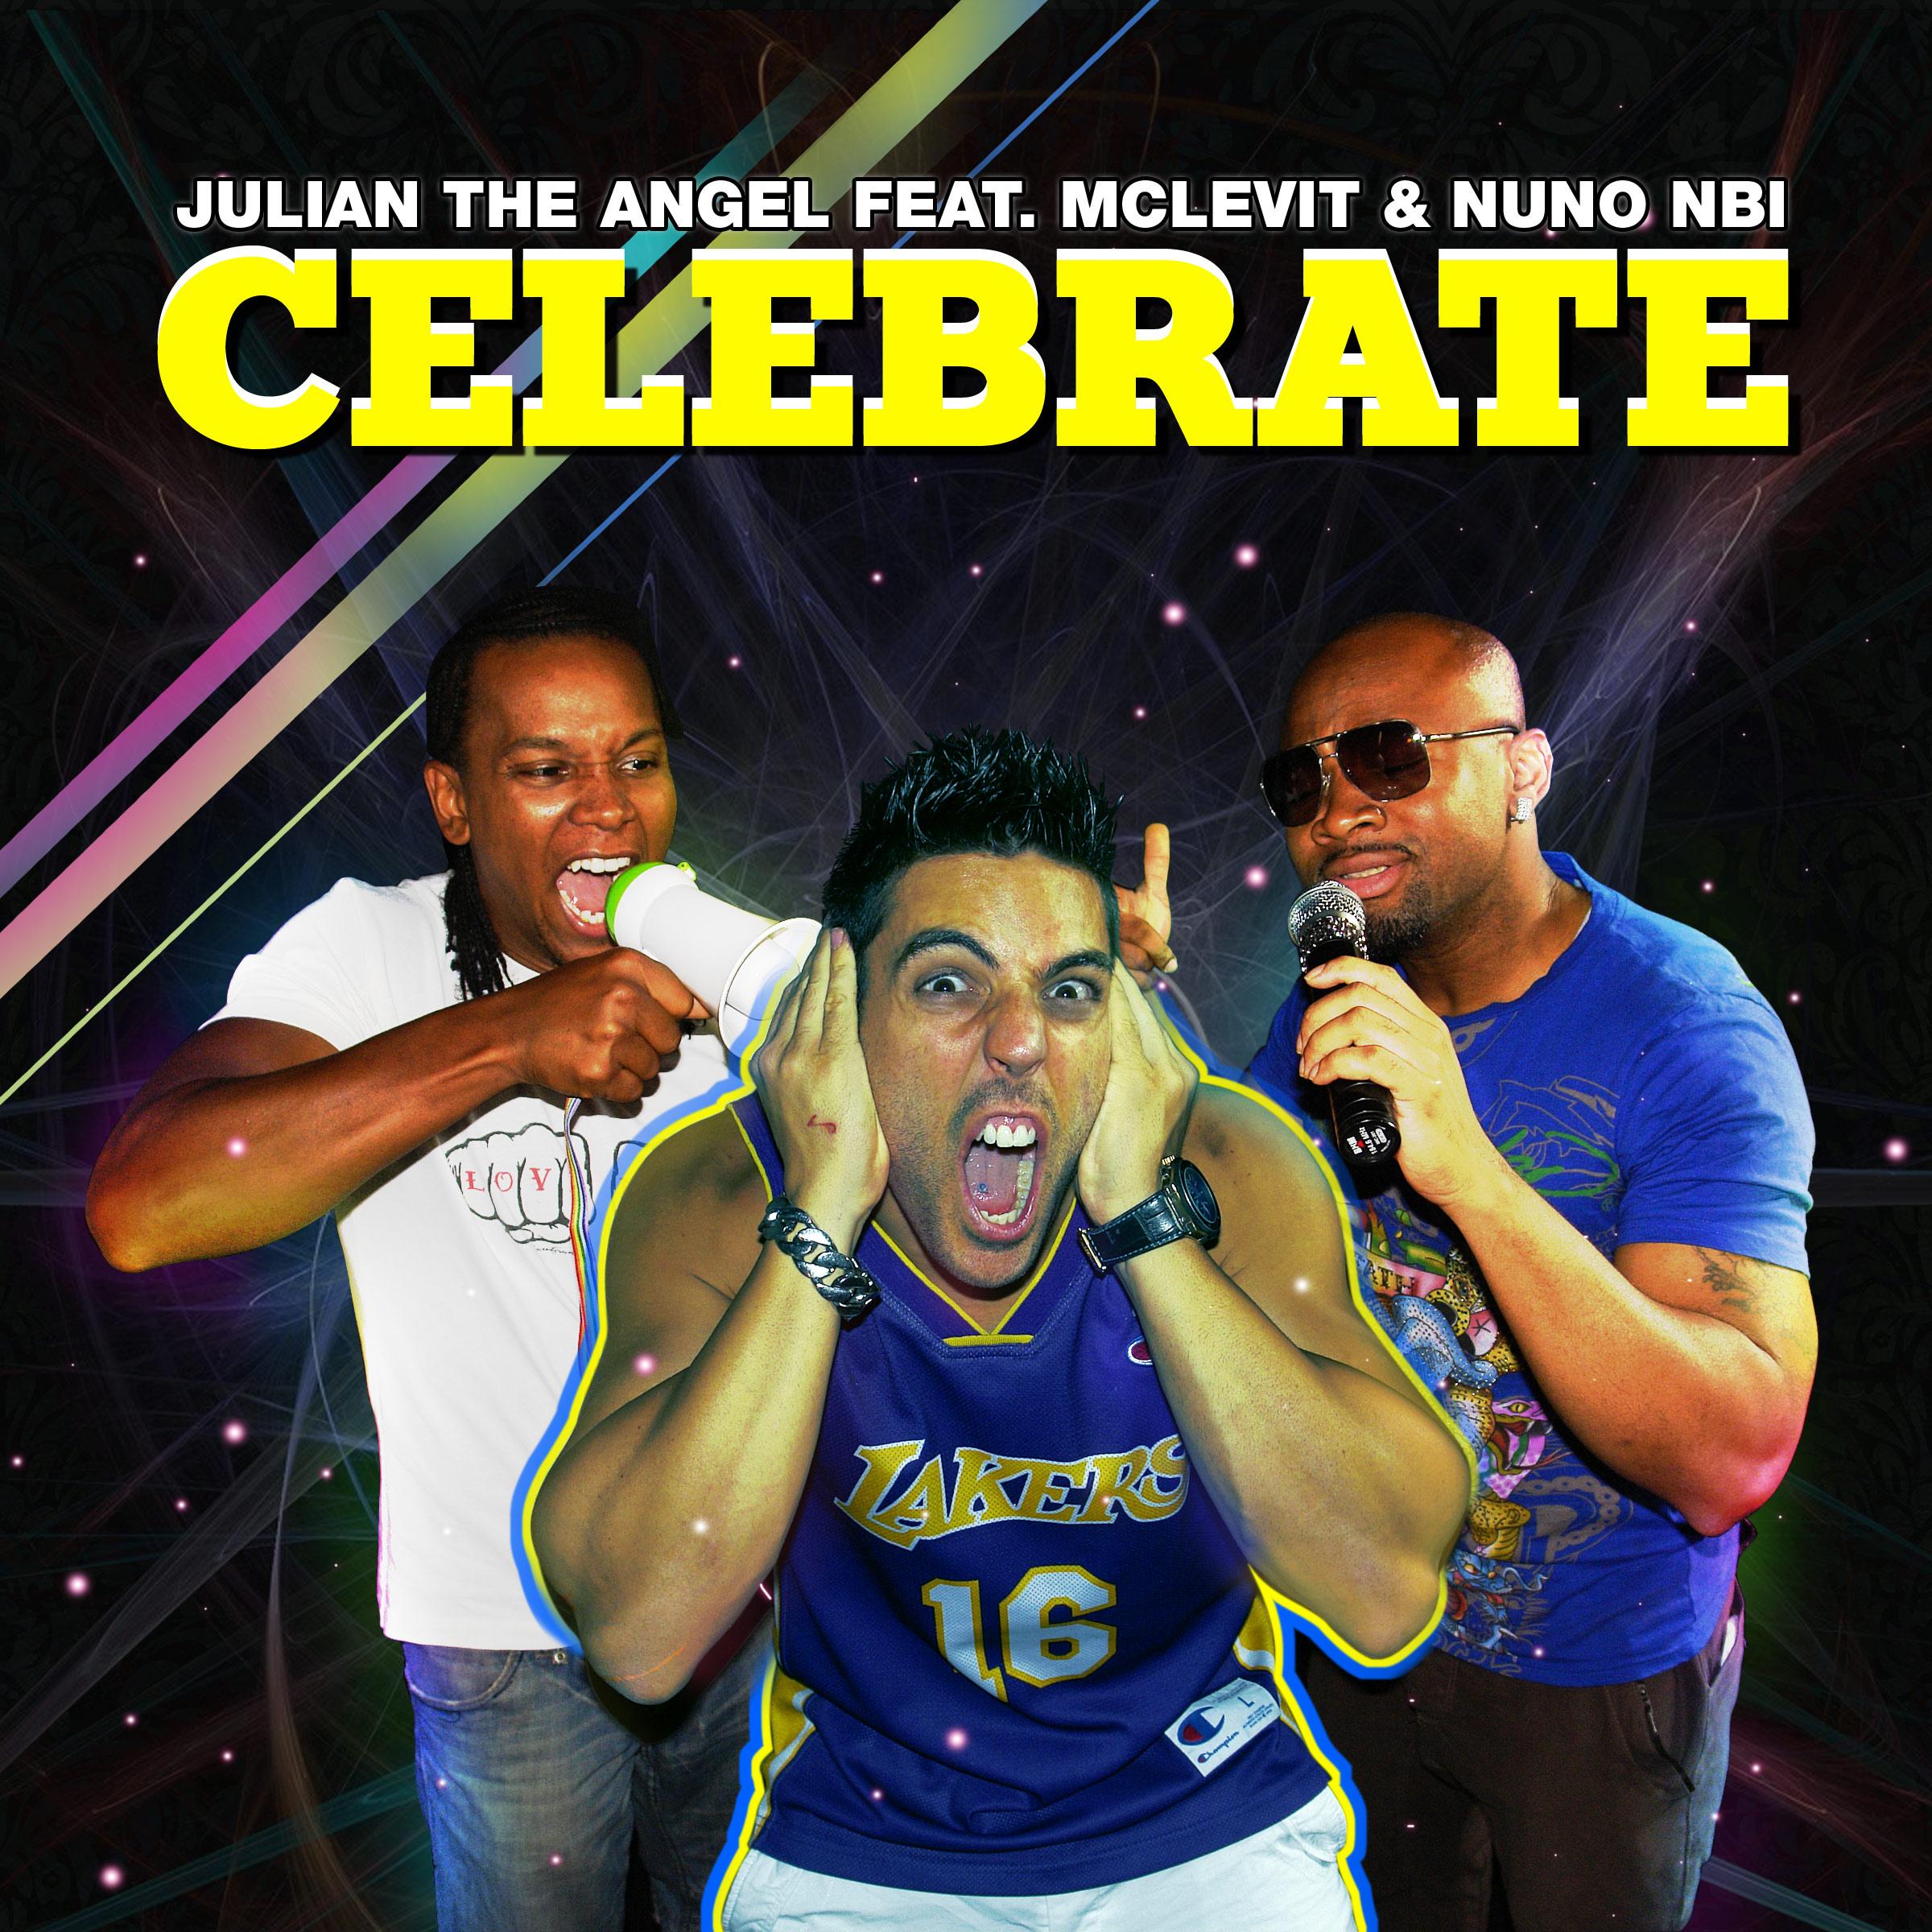 Julian the Angel / Celebrate (feat. McLevit & Nuno Nbi) - Single